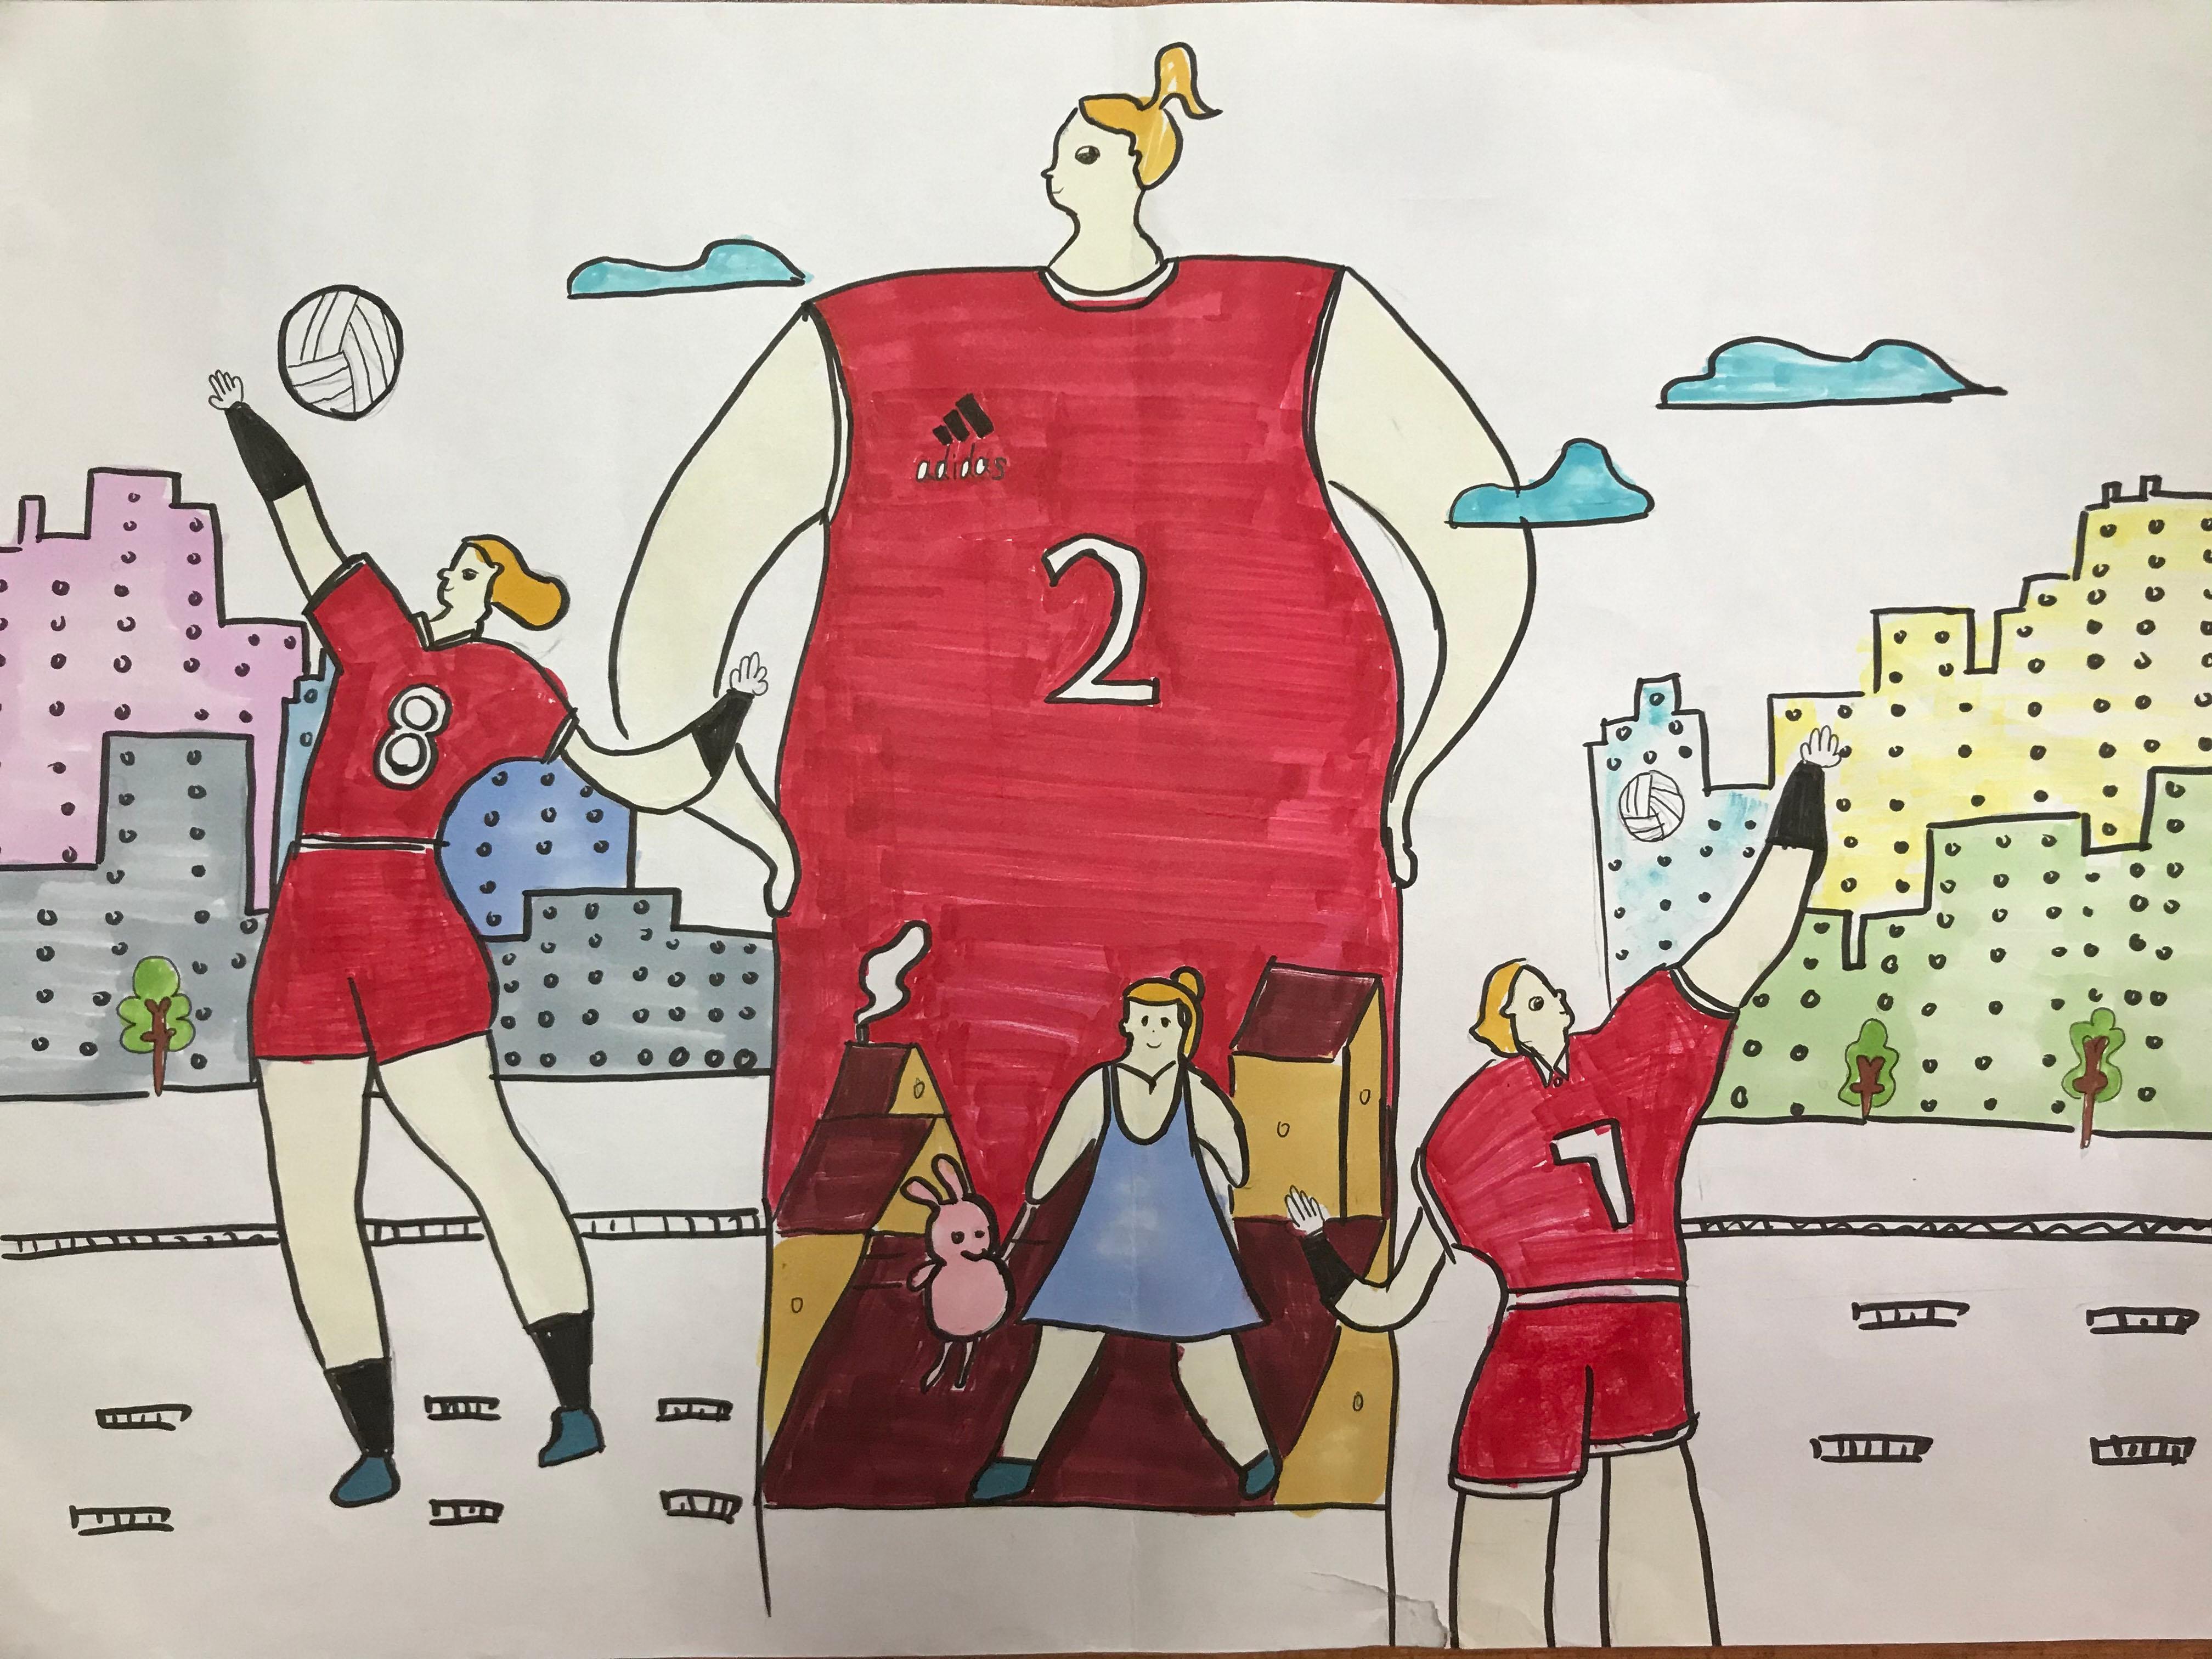 女排精神 Spirit Of Chinese Women Volleyball Team+张诗彤Zhang Shitong+12+15333118588